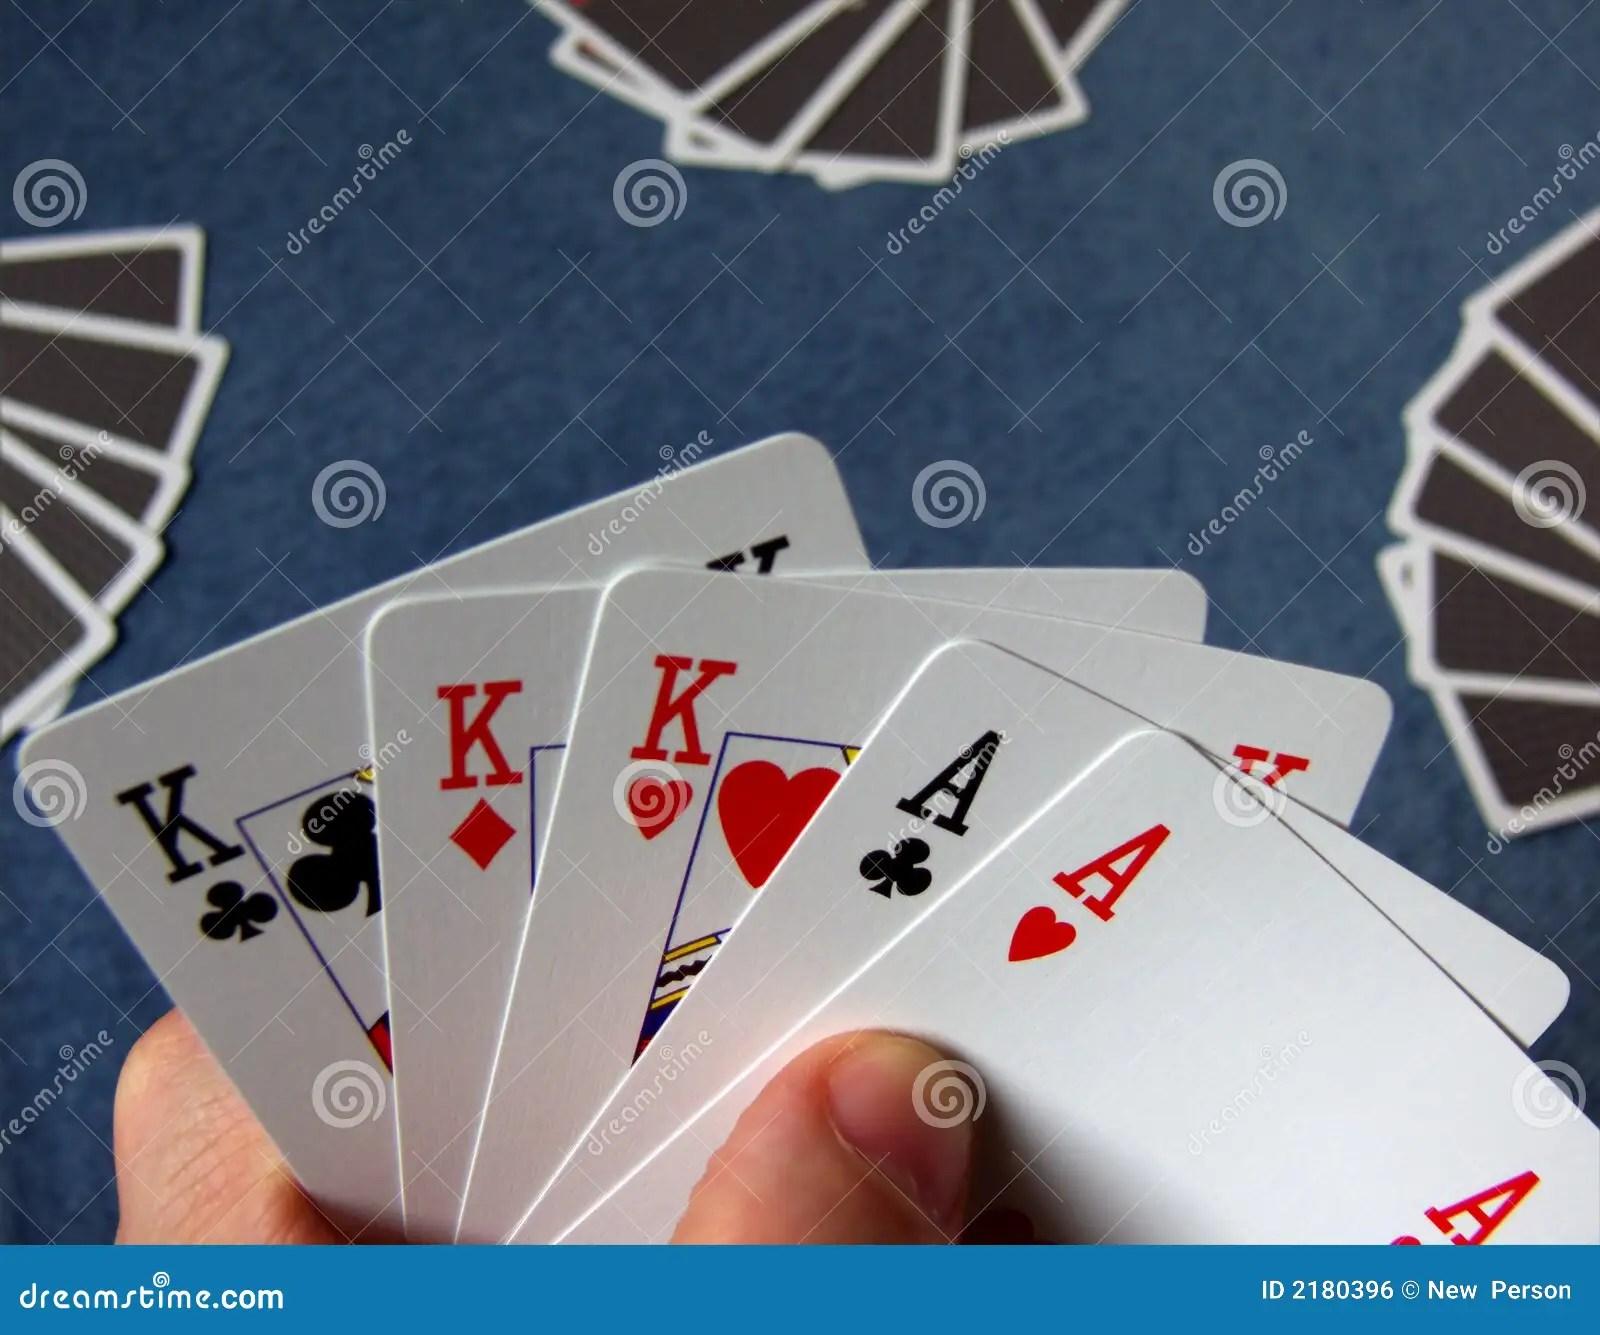 Texas Holdem 2 Full Houses